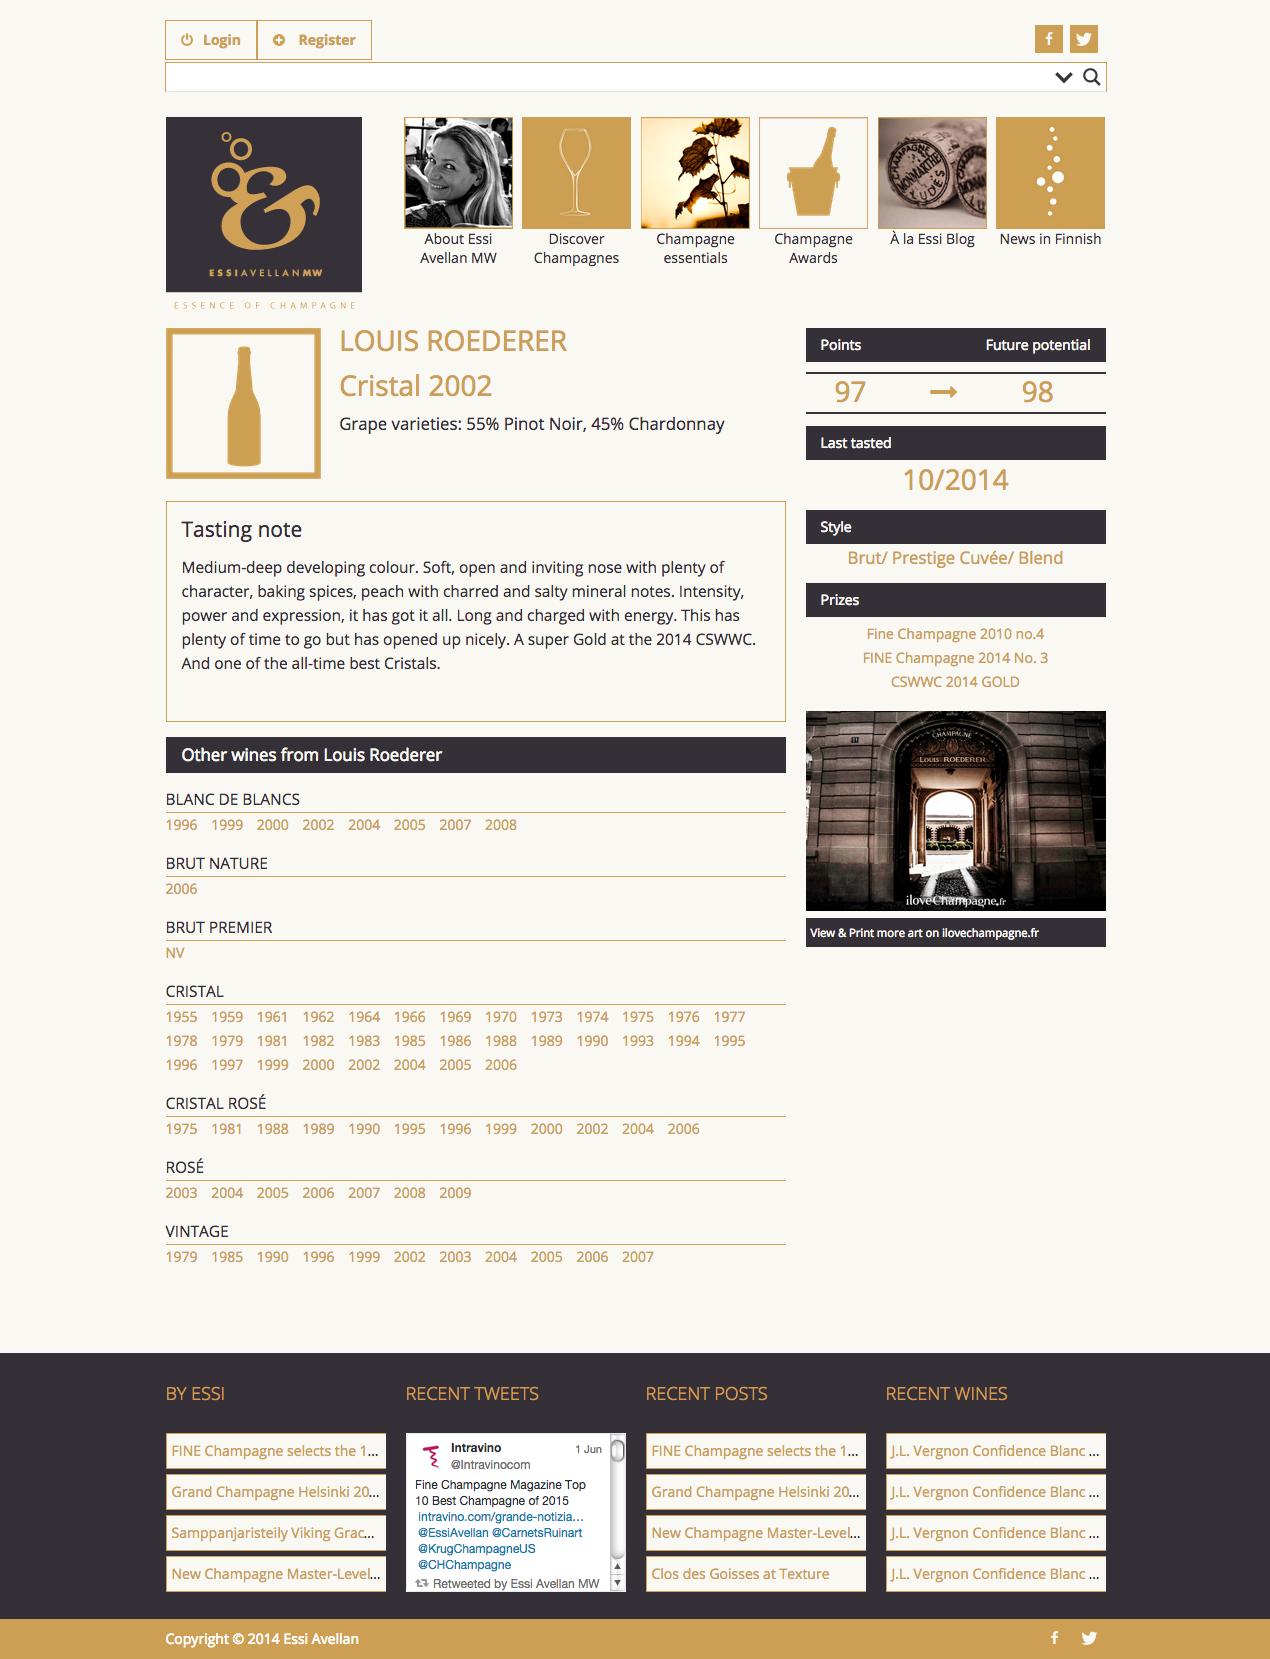 essenceofchampagne-com-wine-louis-roederer-cristal-2002